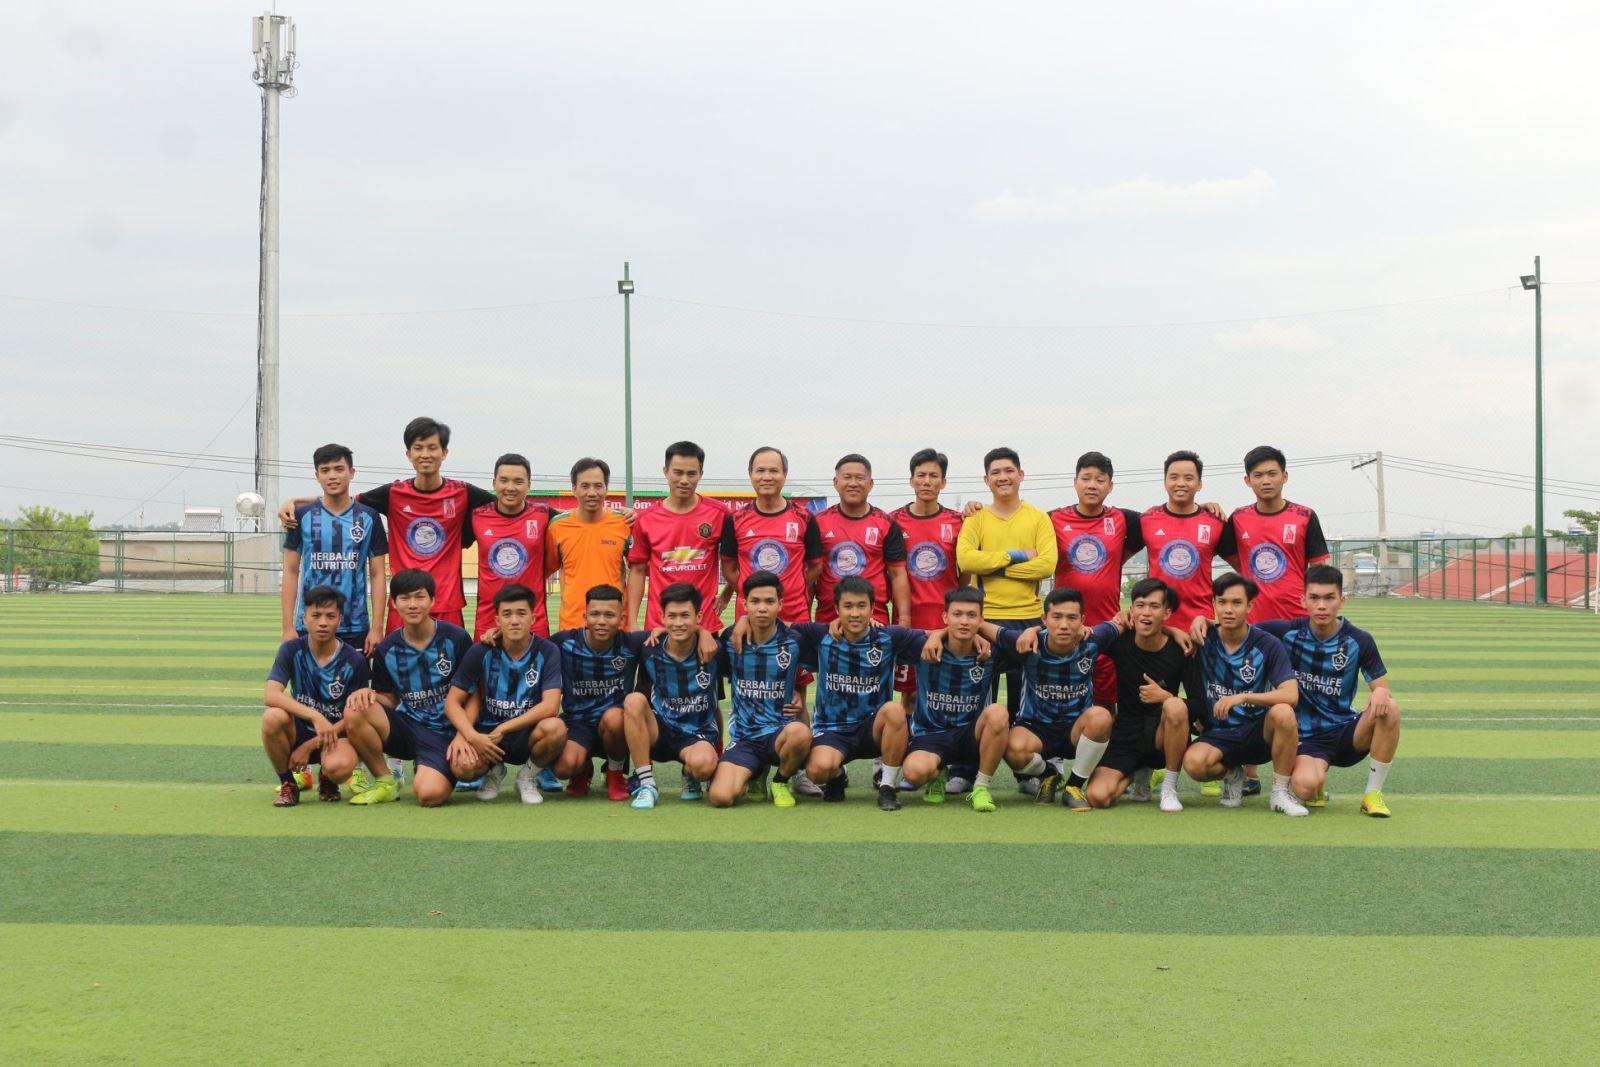 Tổng kết giải vô địch bóng đá 5 người DNTU 2020